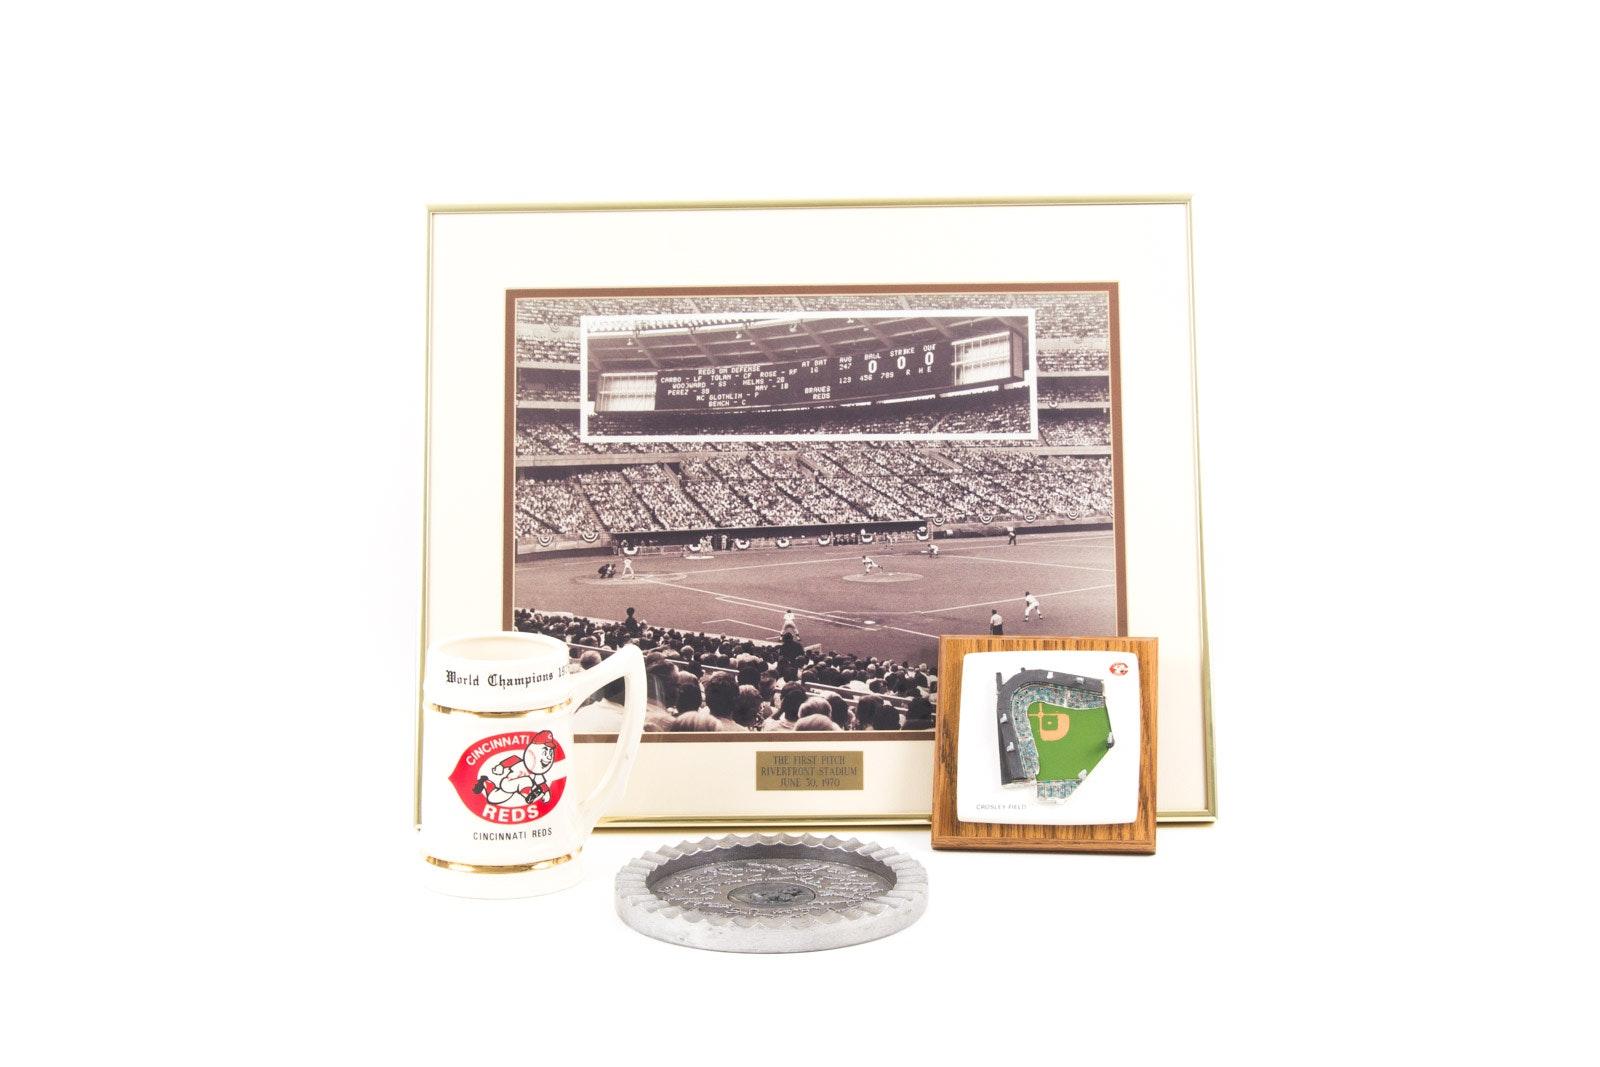 Cincinnati Reds Themed Memorabilia